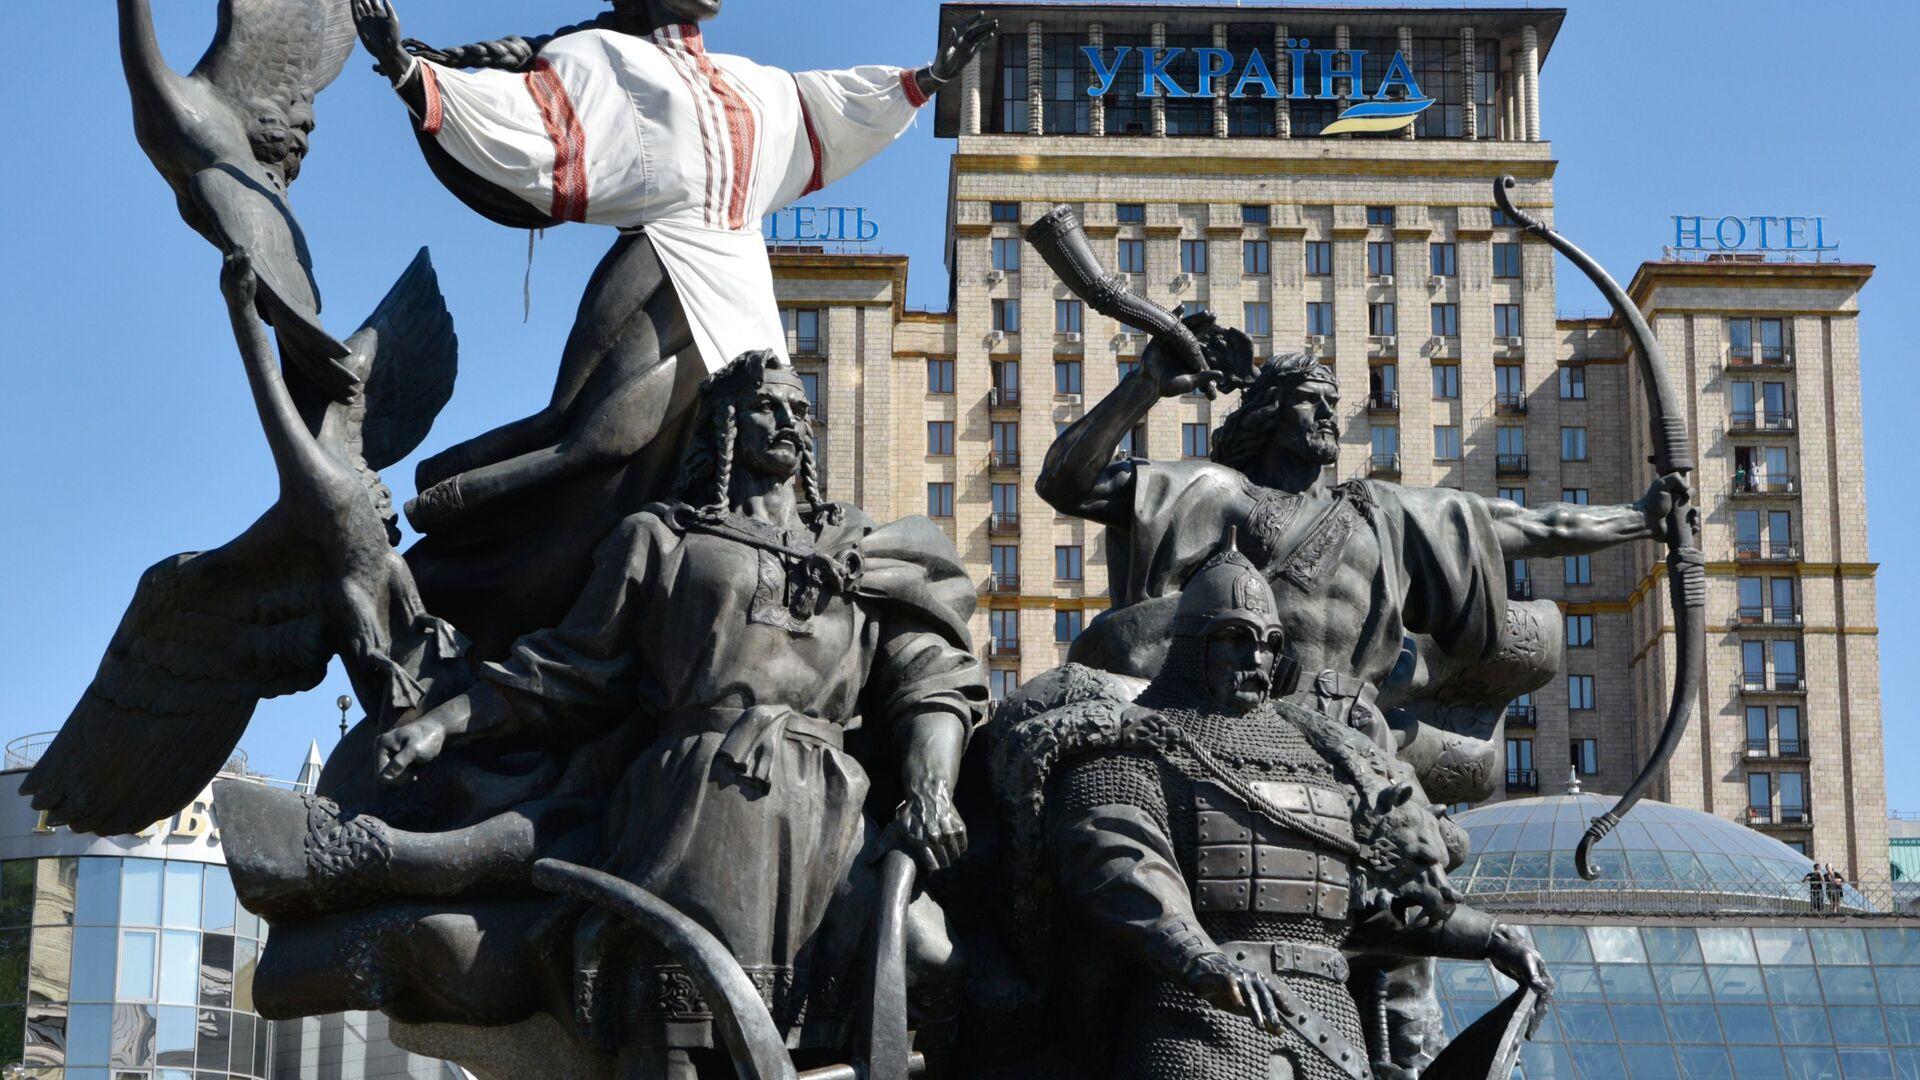 Pomnik legendarnych założycieli Kijowa: Kija, Szczeka, Chorywa i Łybedź na Majdanie - Sputnik Polska, 1920, 28.07.2021